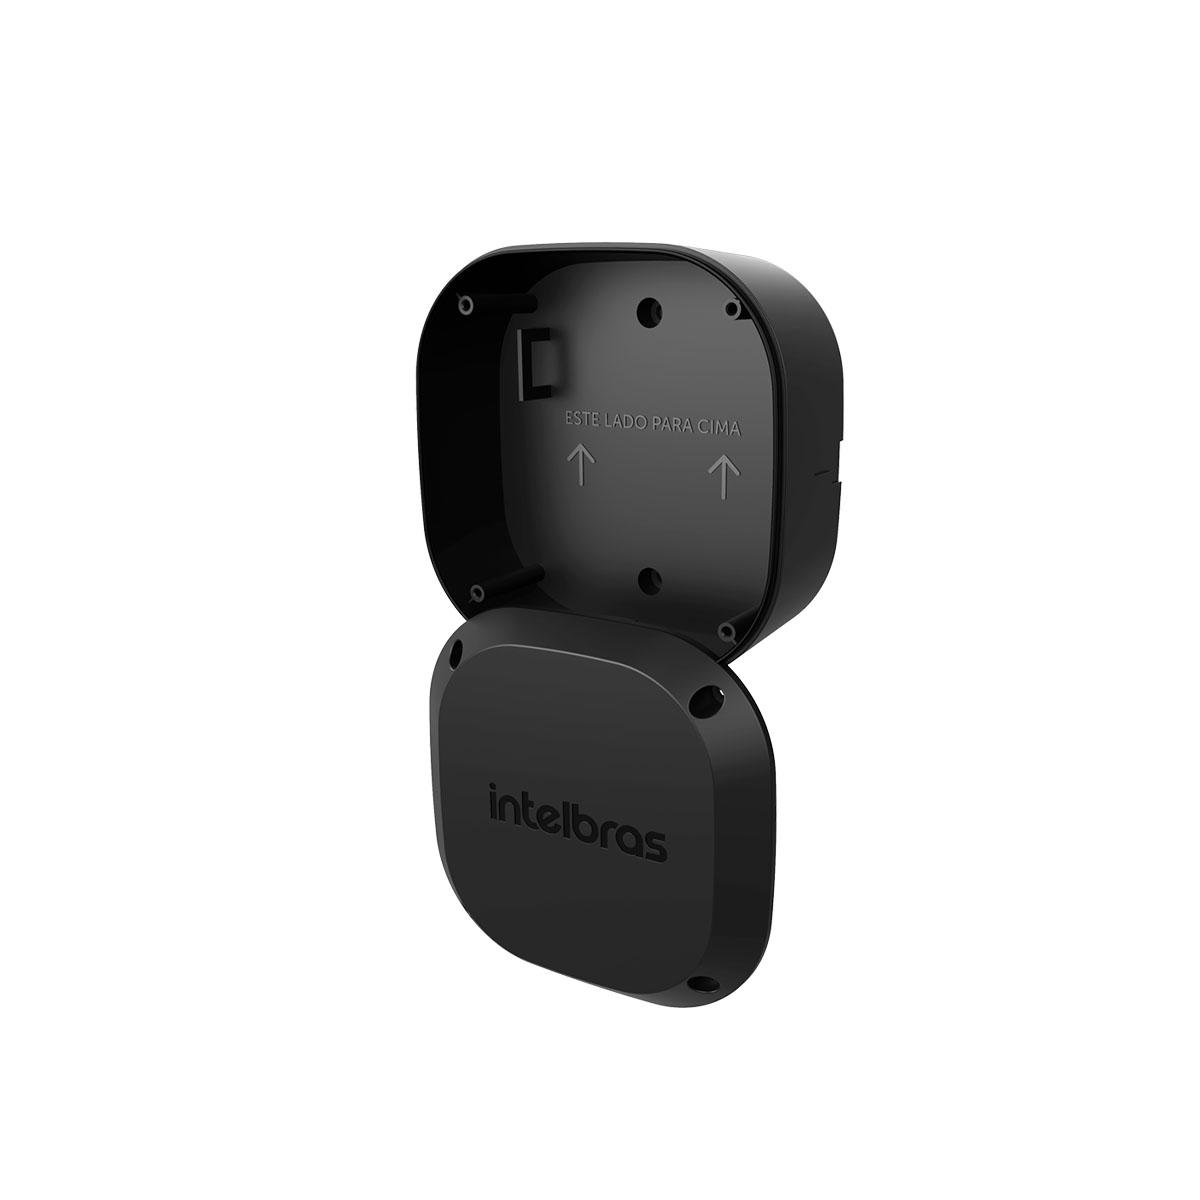 KIT 02 Câmera Multi HD VHD 1220 B Black G6 1080p 3,6m + Vbox 1100 E Black